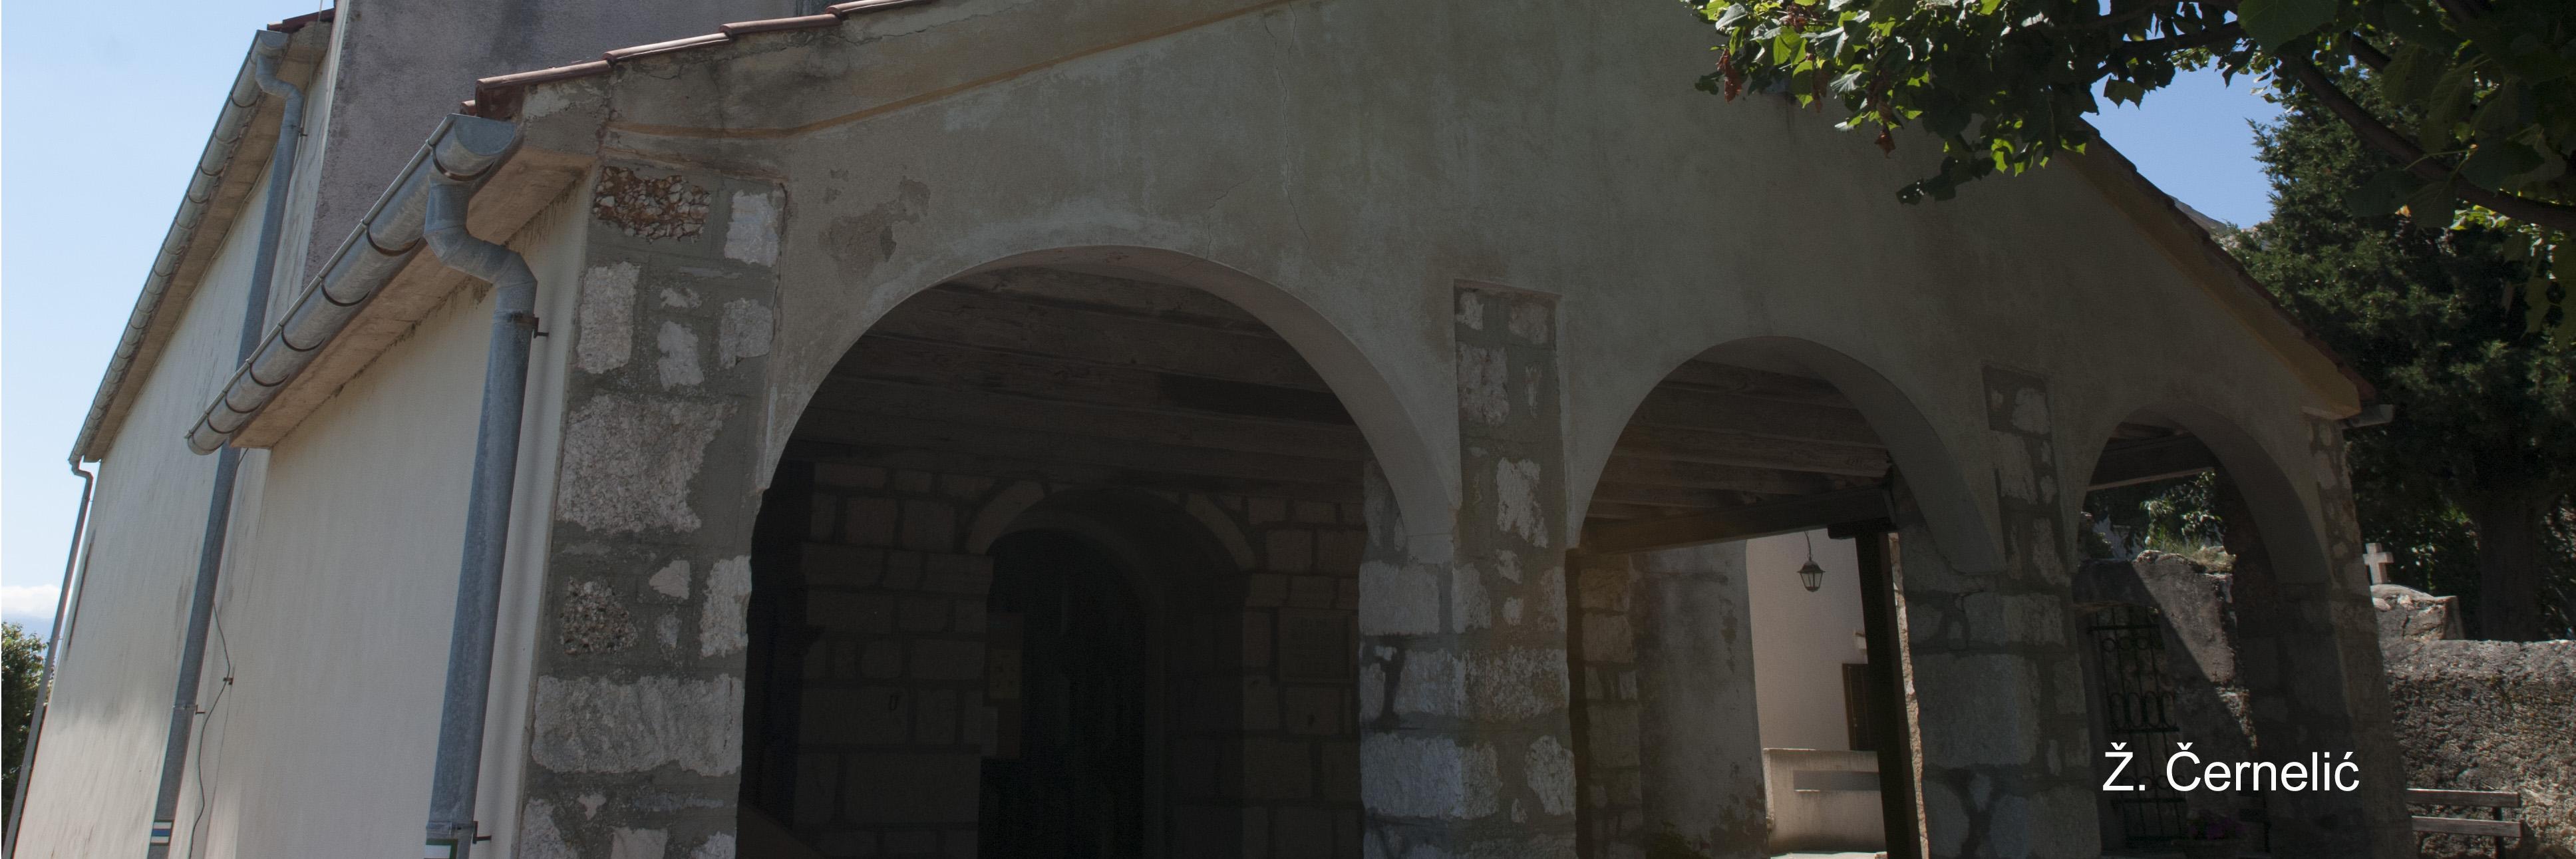 Ulaz u crkvu.